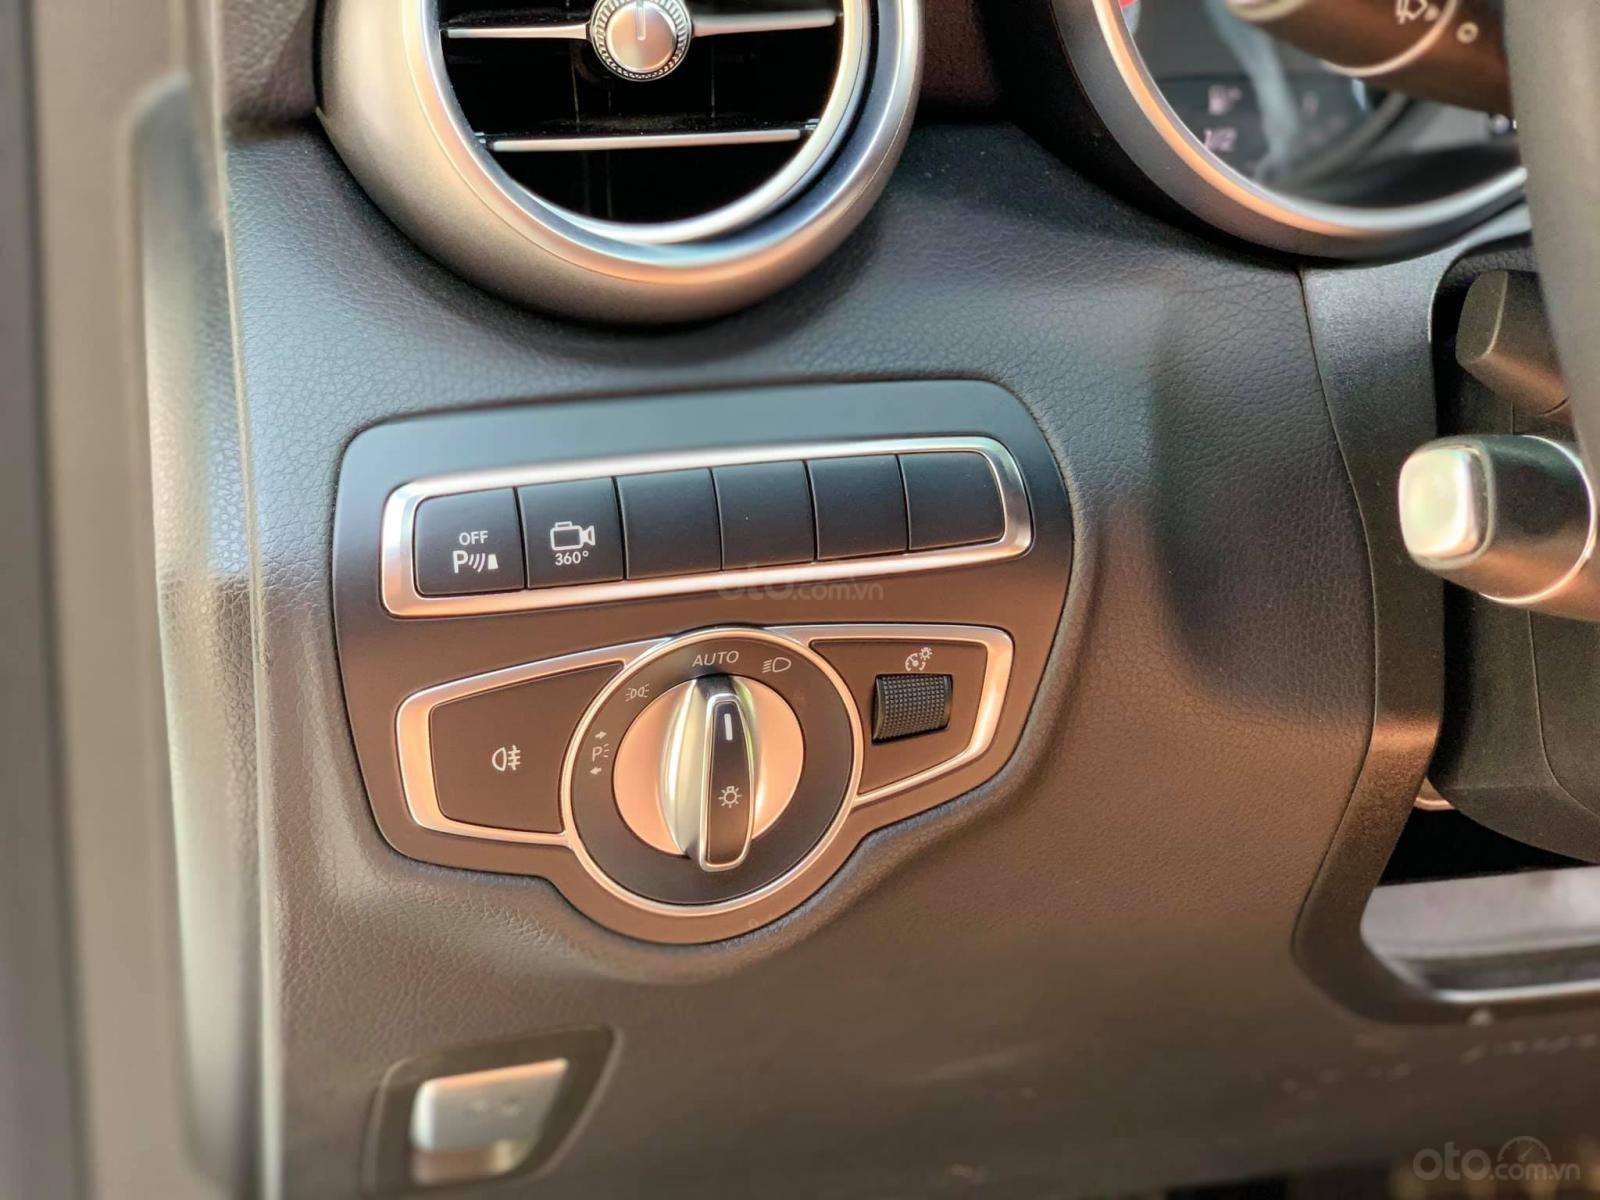 Bán xe Mercedes GLC300 4Matic 2018 có Apple Carplay, trả trước 800 triệu nhận xe ngay (14)